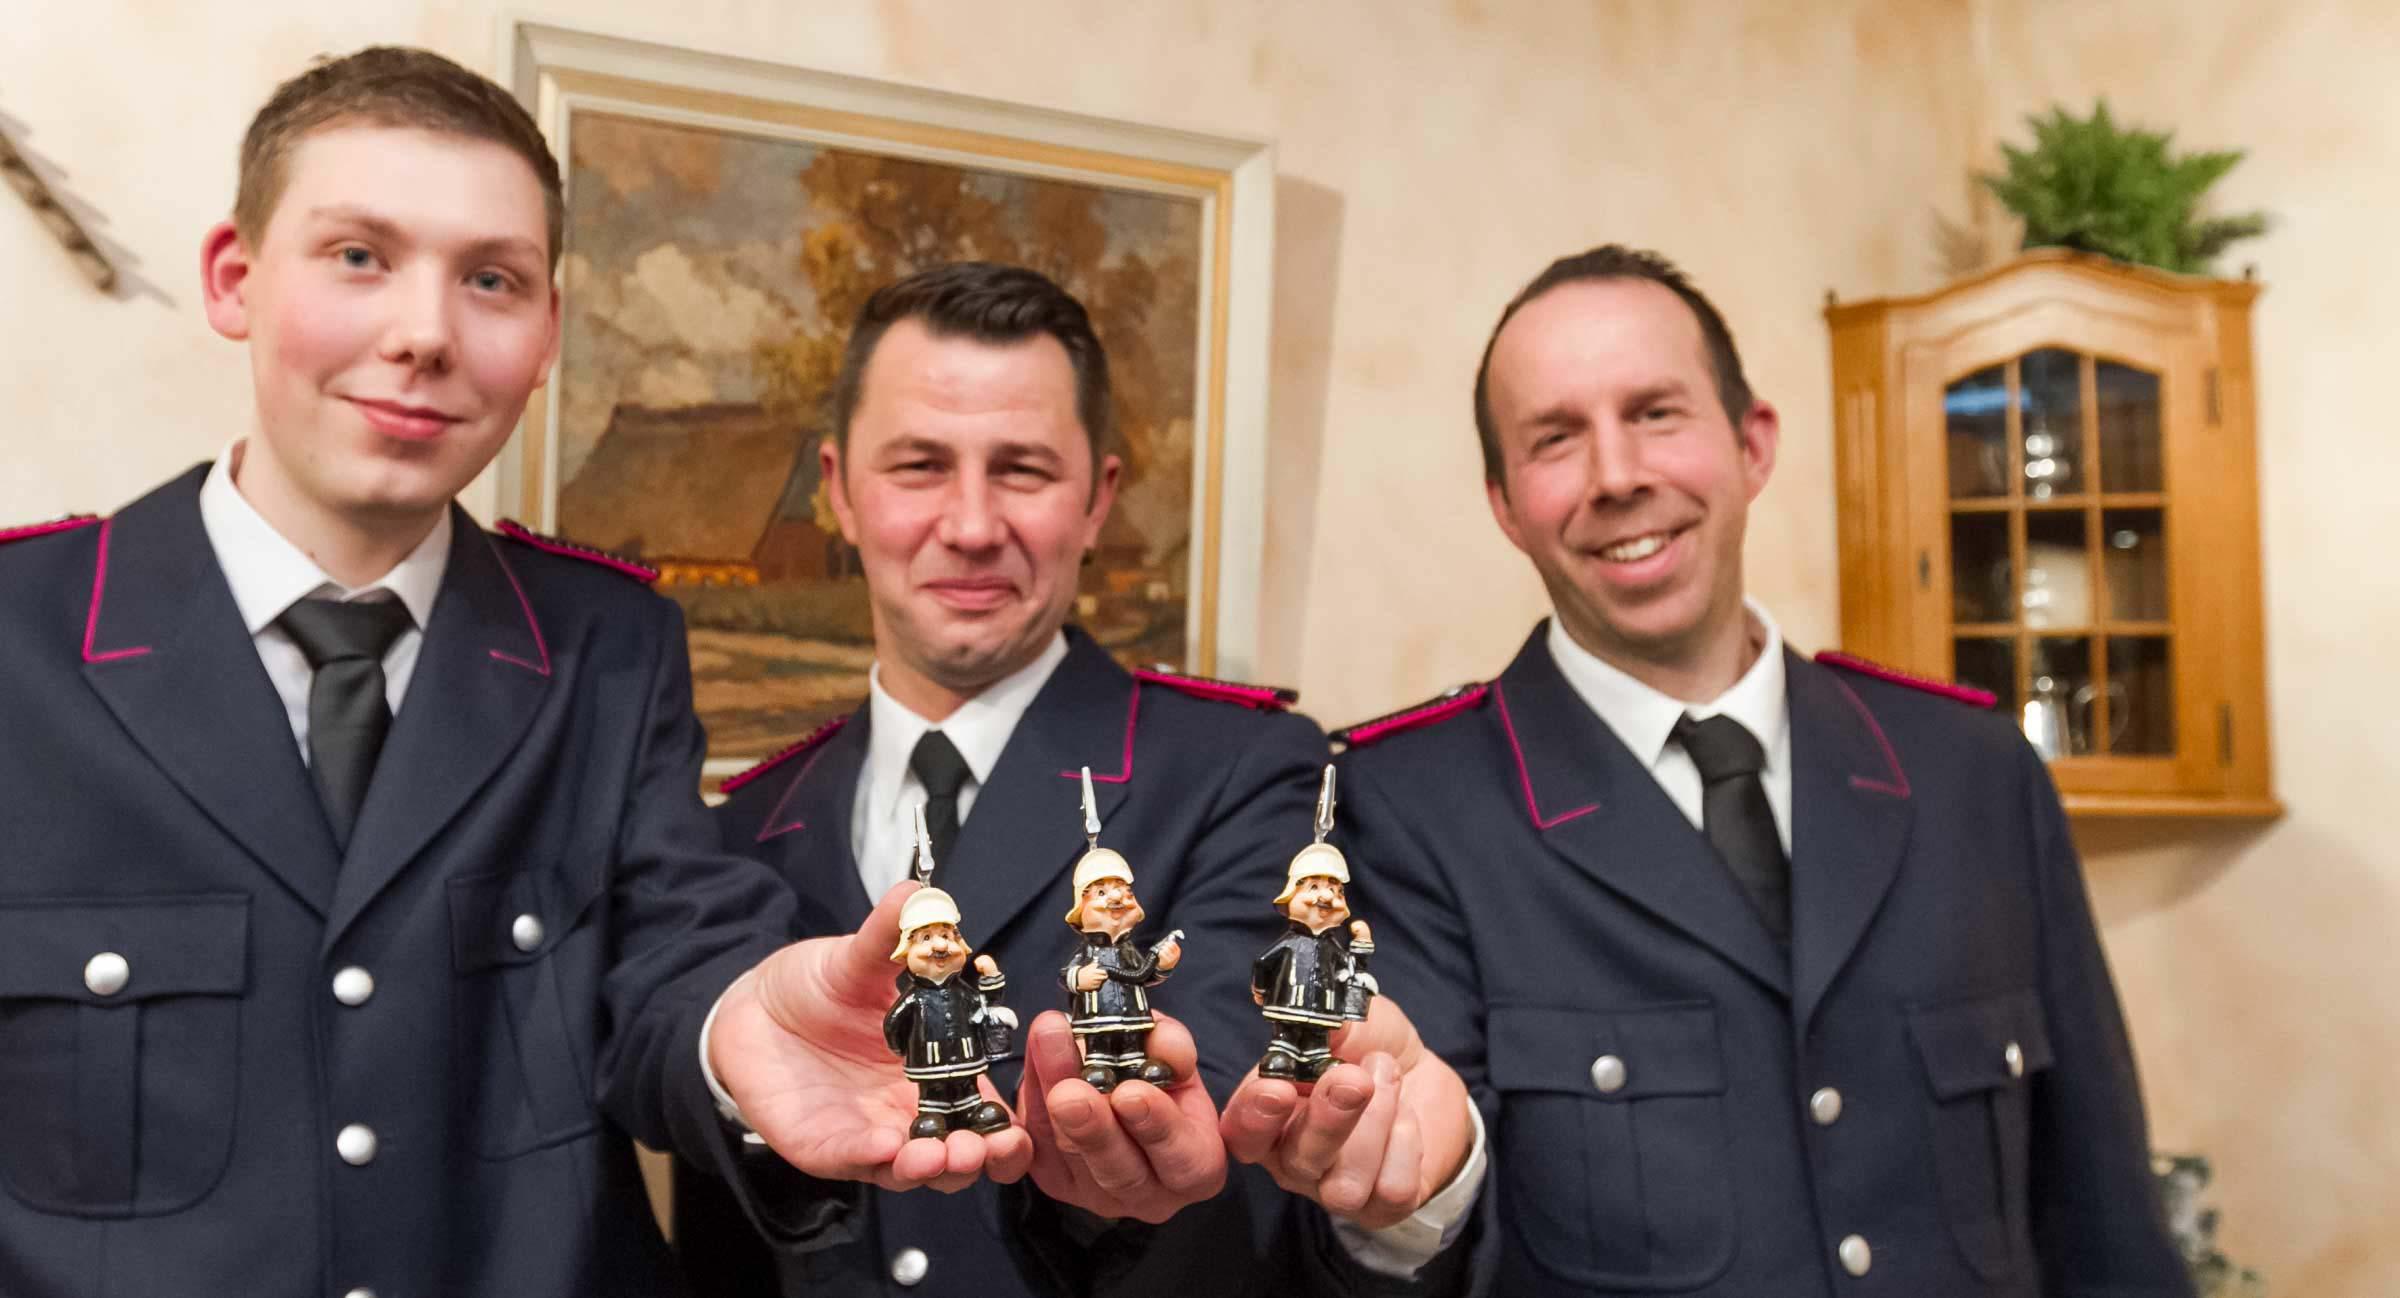 Tasdorfer Feuerwehr freute sich über Zuwachs